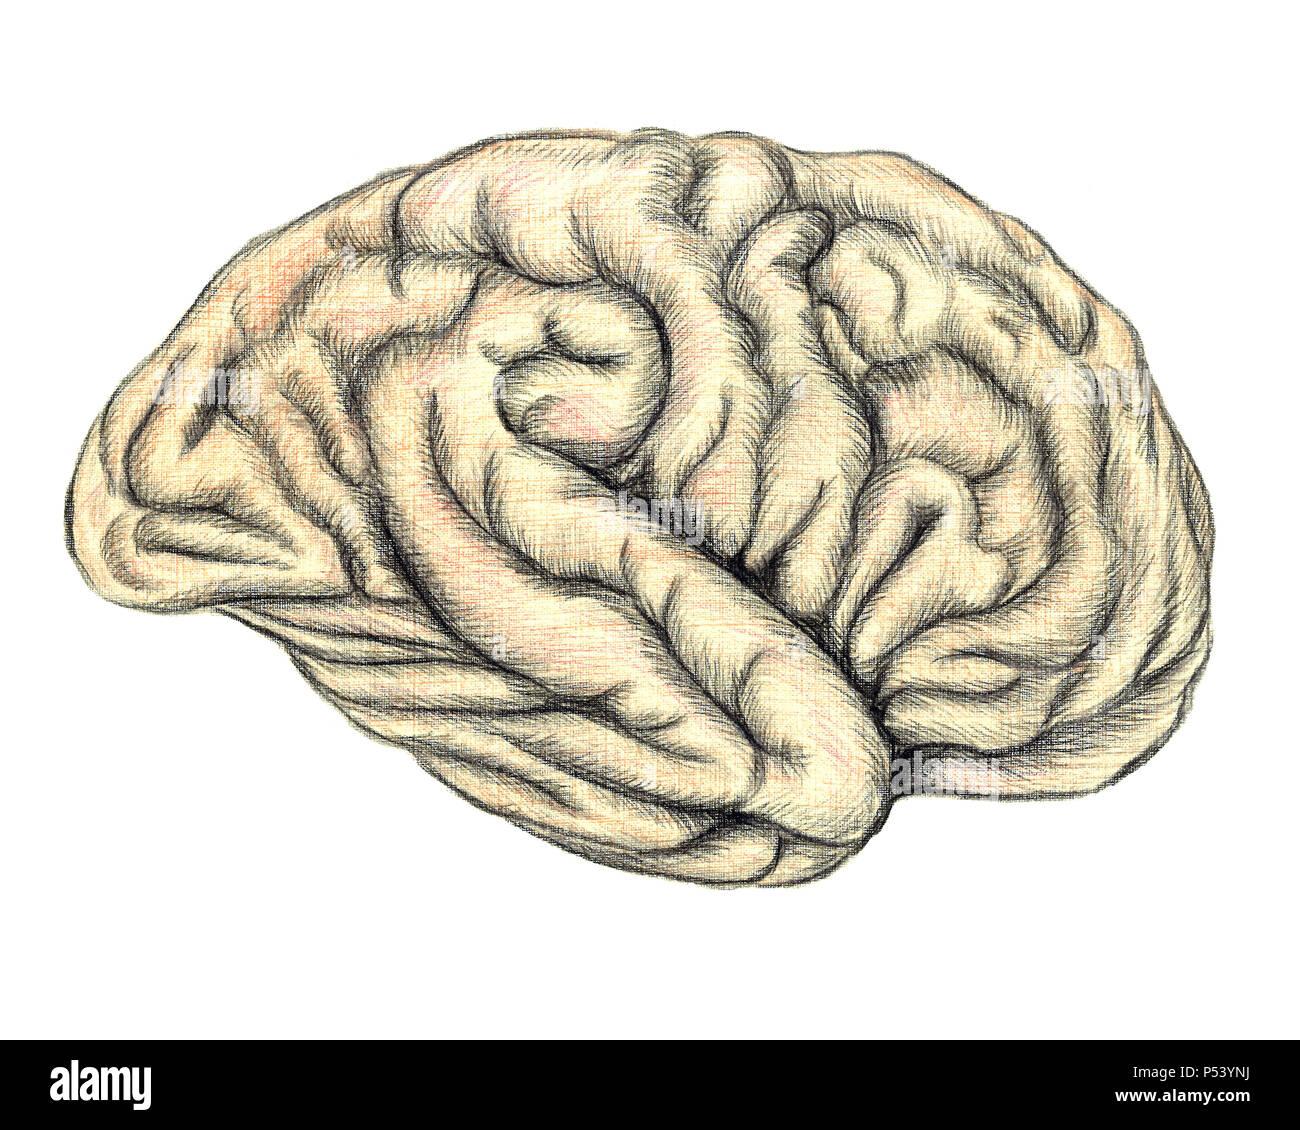 Vista lateral del cerebro humano, dibujadas a mano ilustración médica, lápices de colores para dibujar con imitación de litografía Imagen De Stock